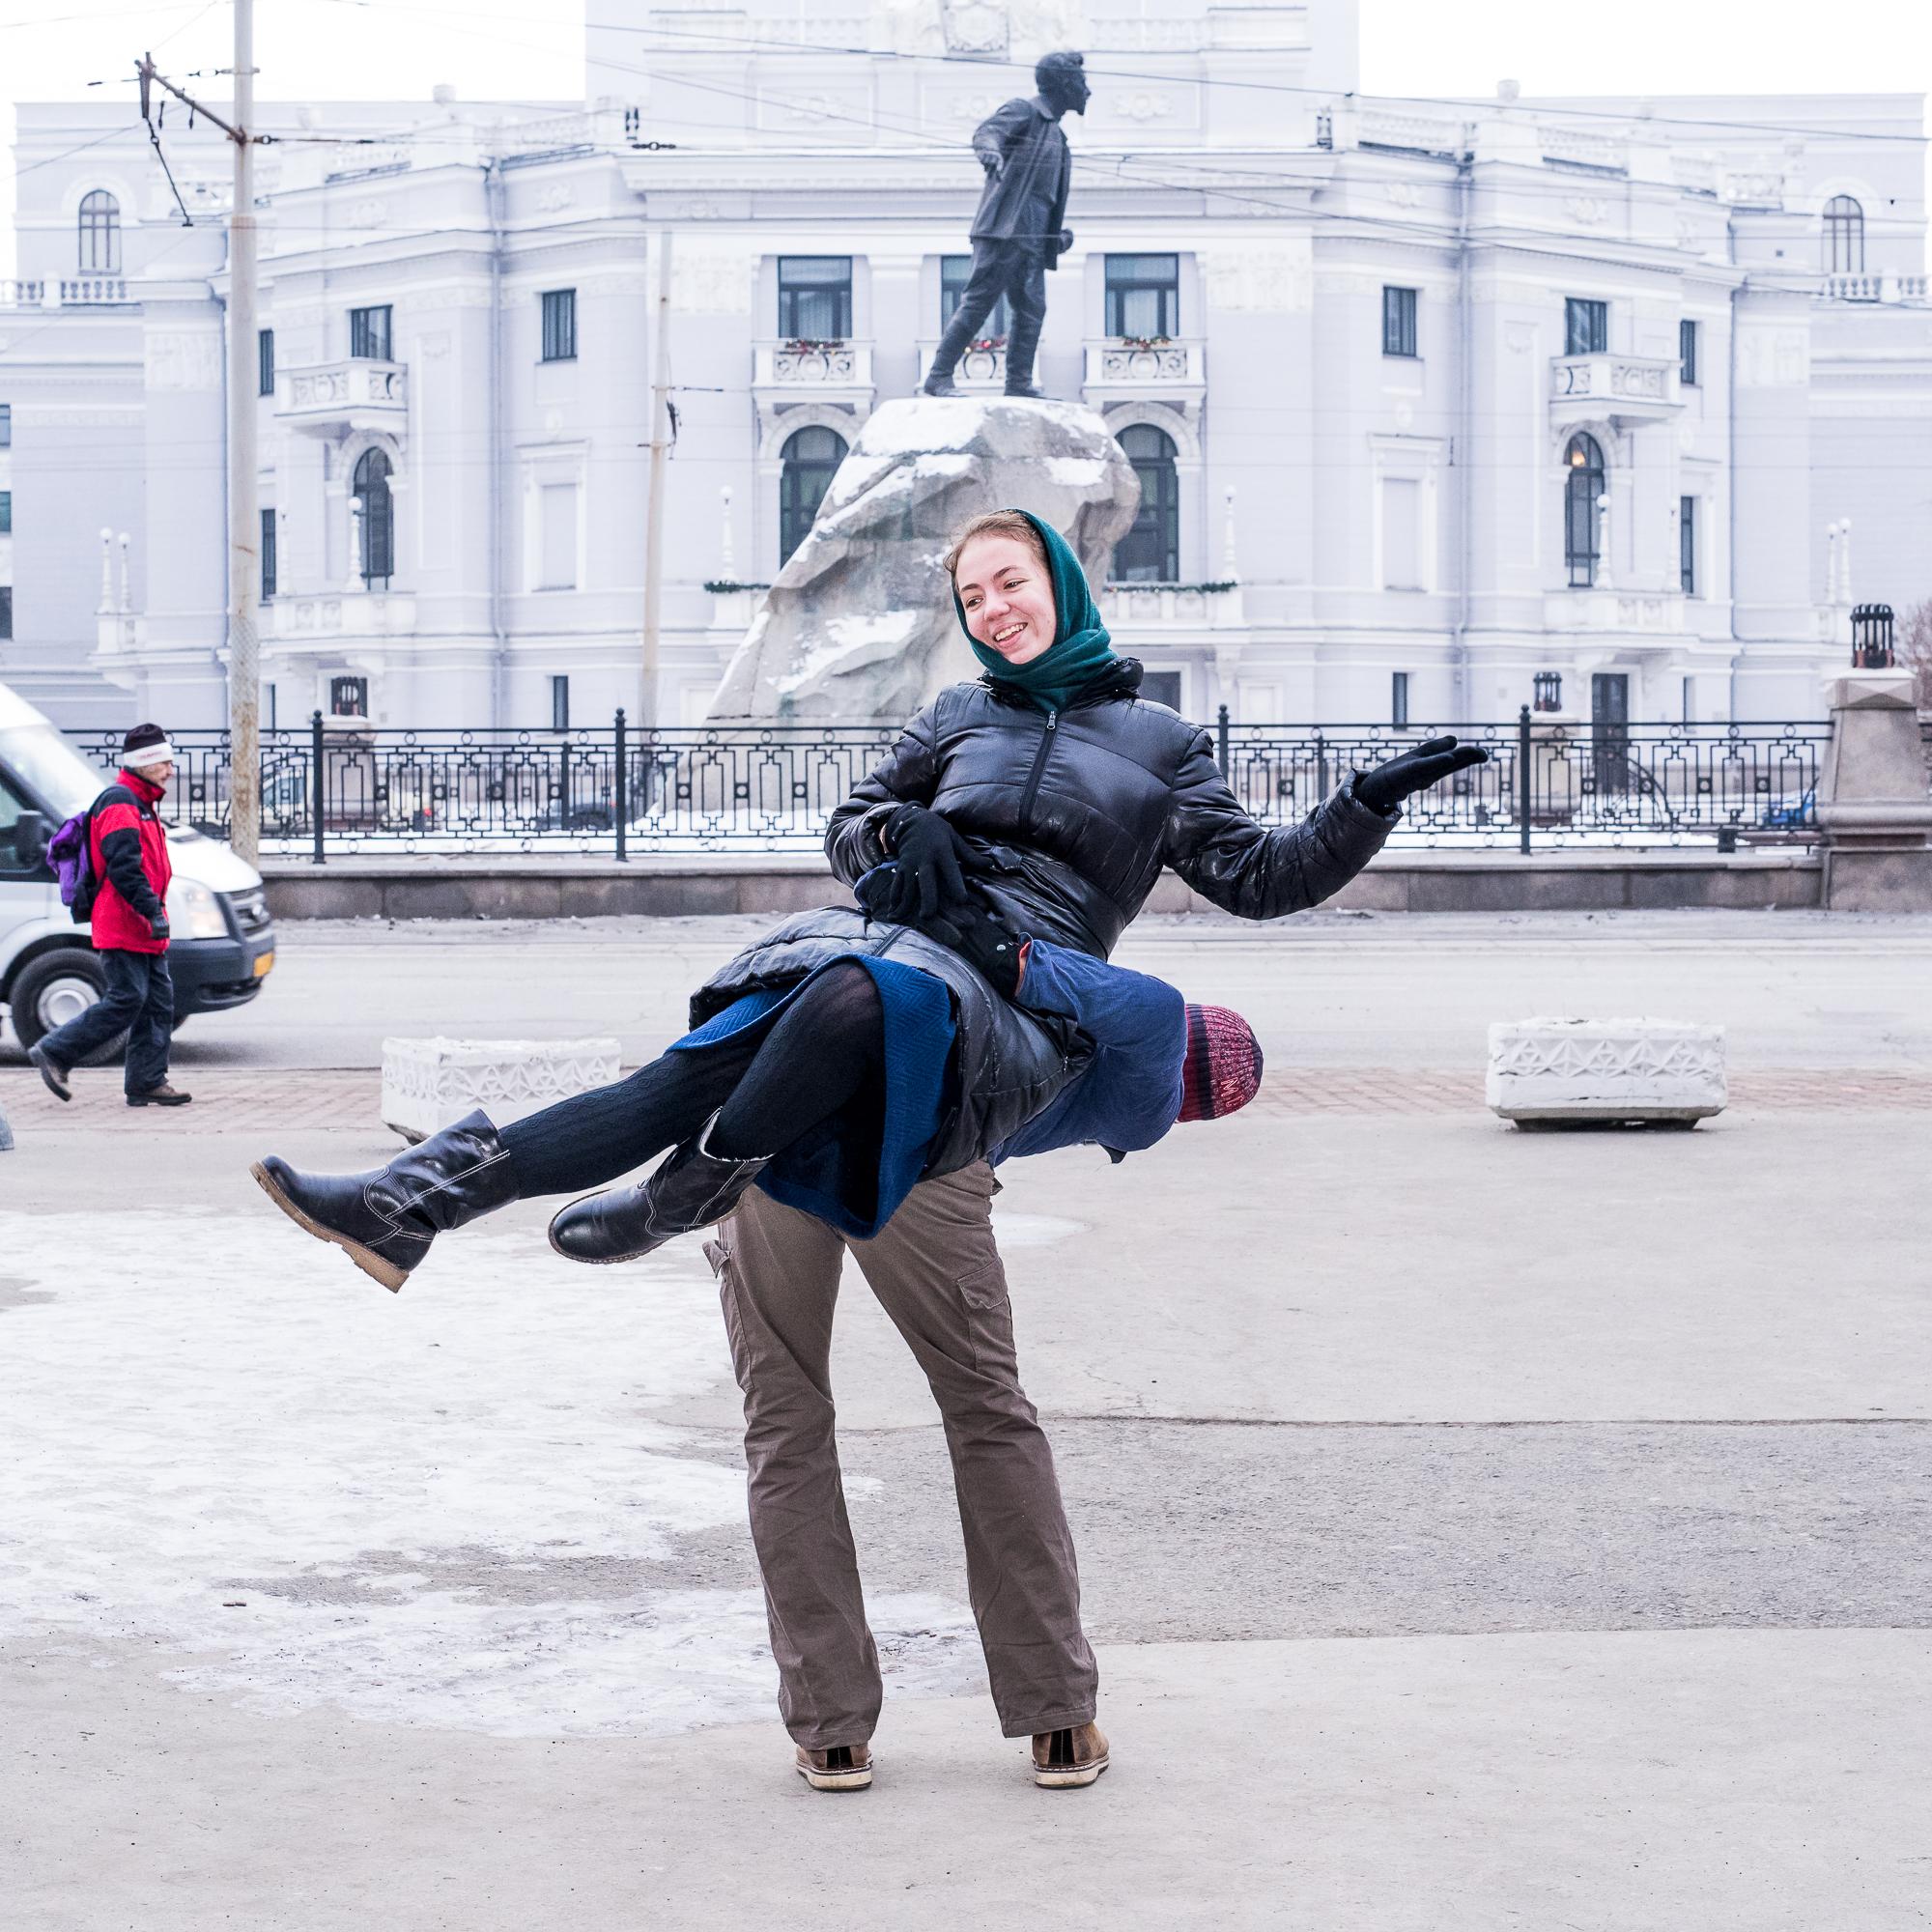 Yekaterinburg_Russia_-8°C